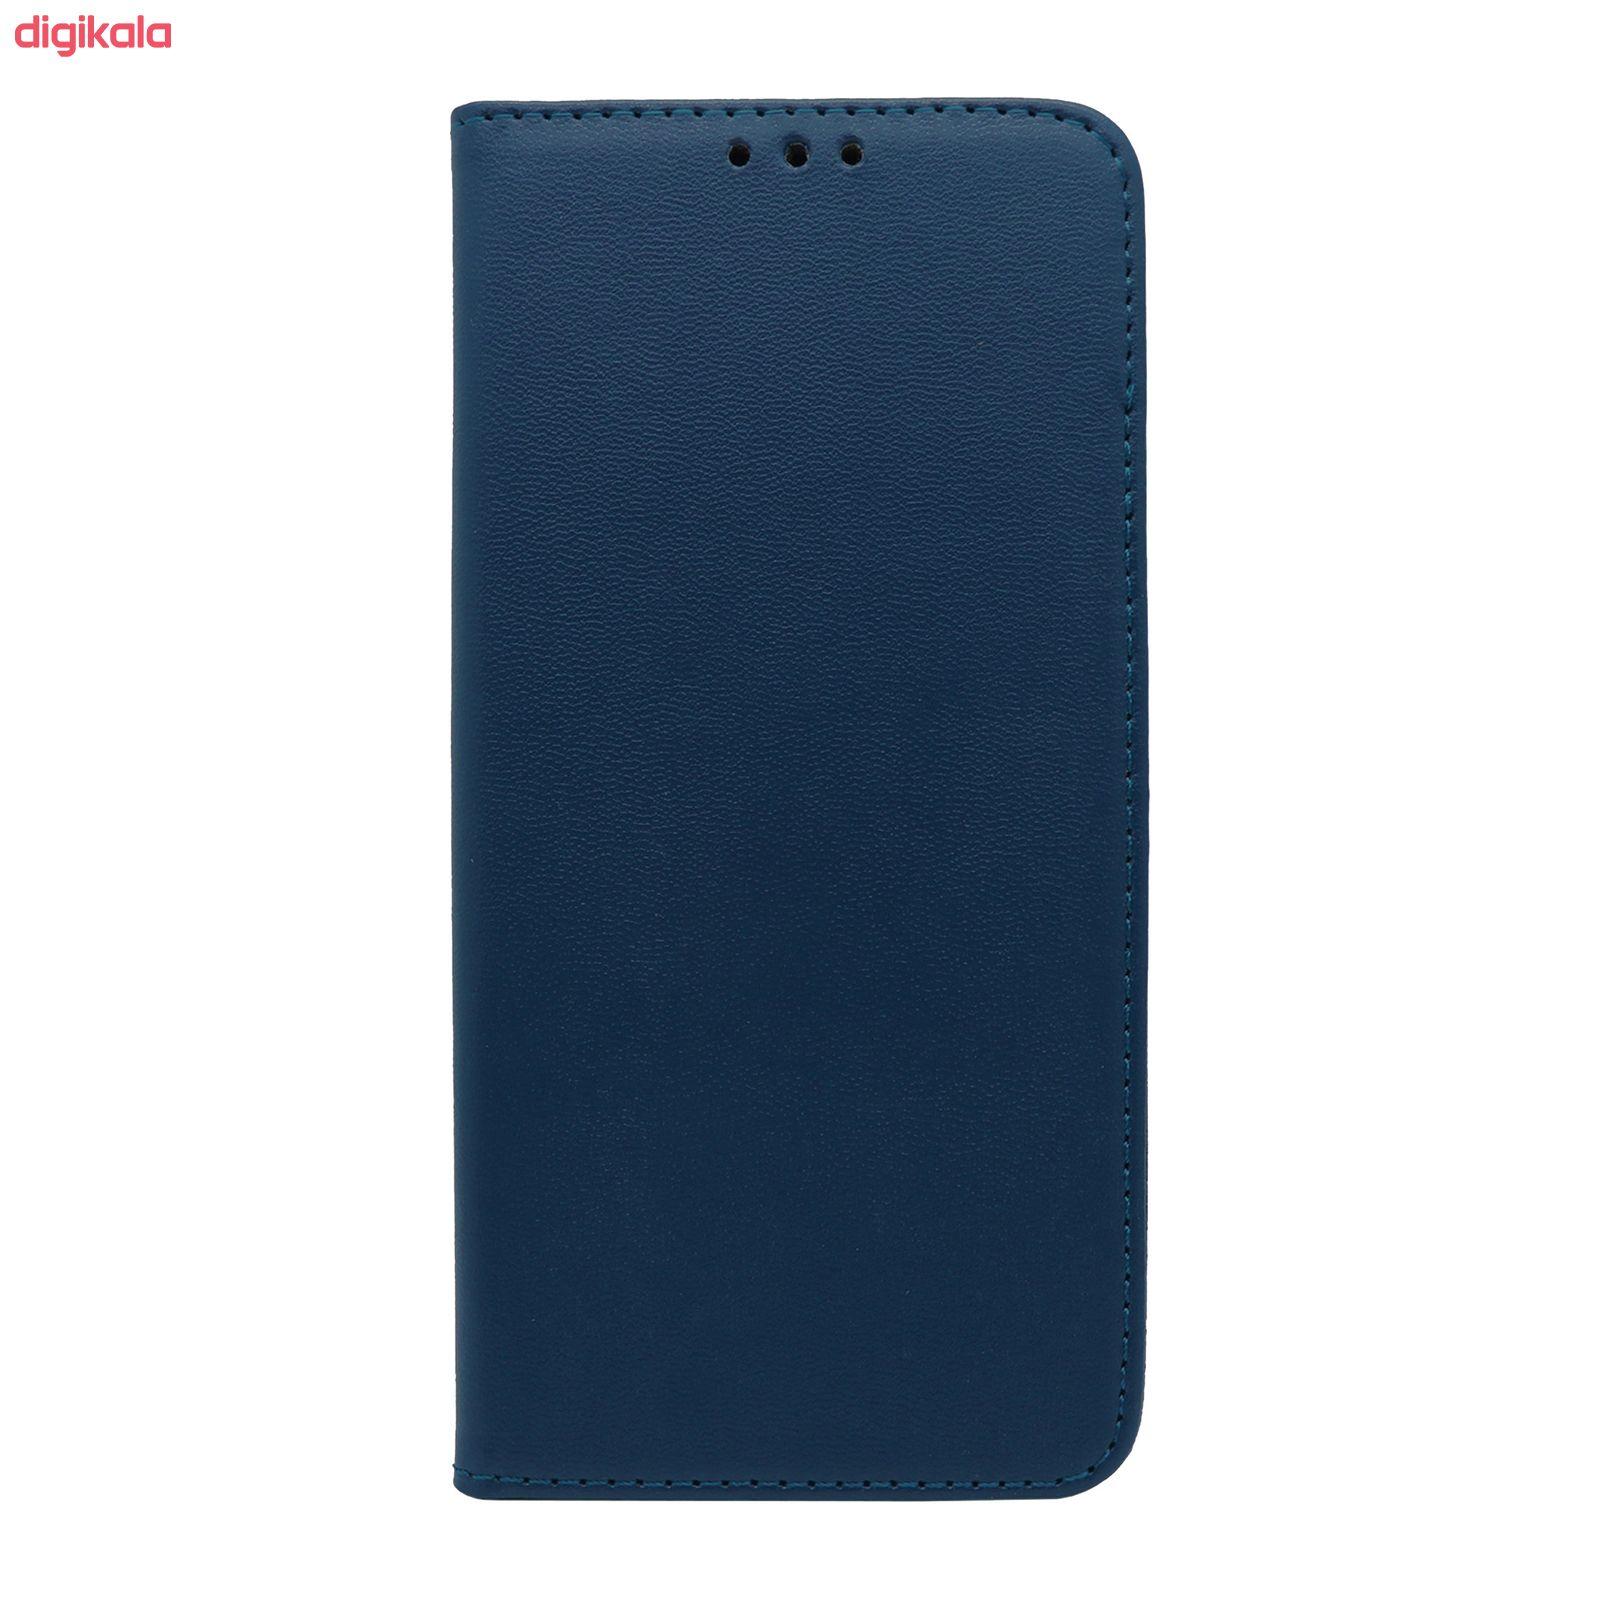 کیف کلاسوری مدل Class1 مناسب برای گوشی موبایل سامسونگ Galaxy A70 main 1 3